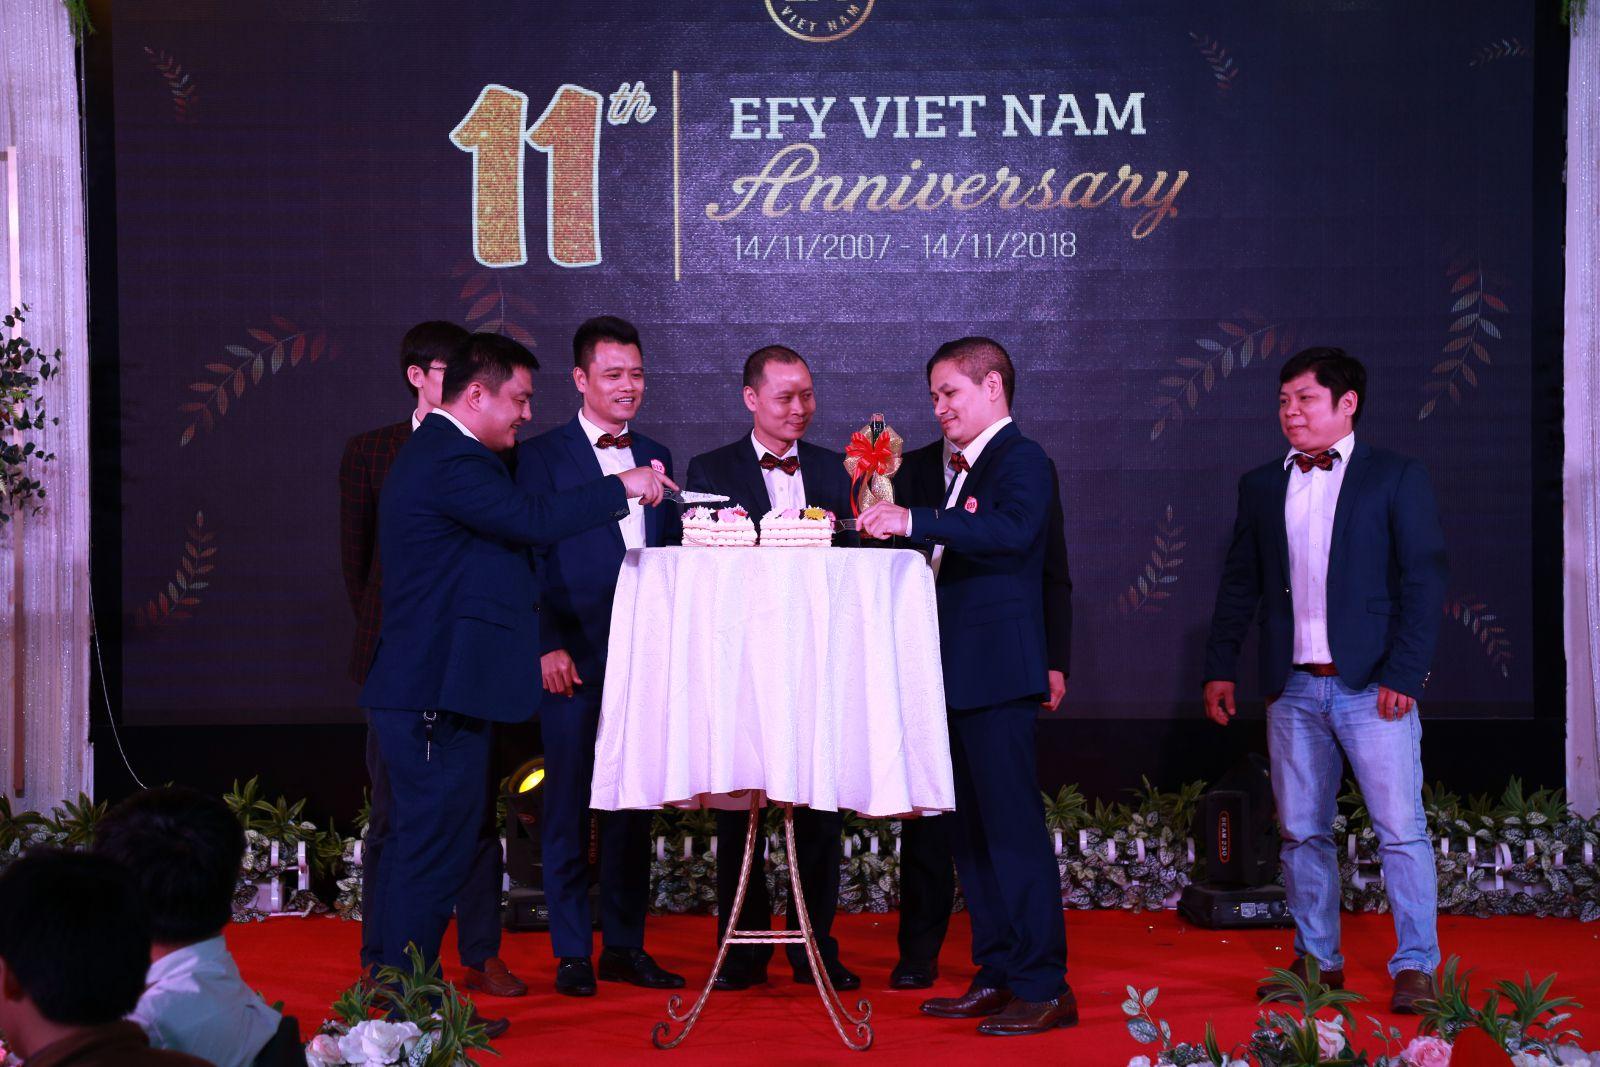 EFY Việt Nam 11 năm những bước chân trên một chặng đường